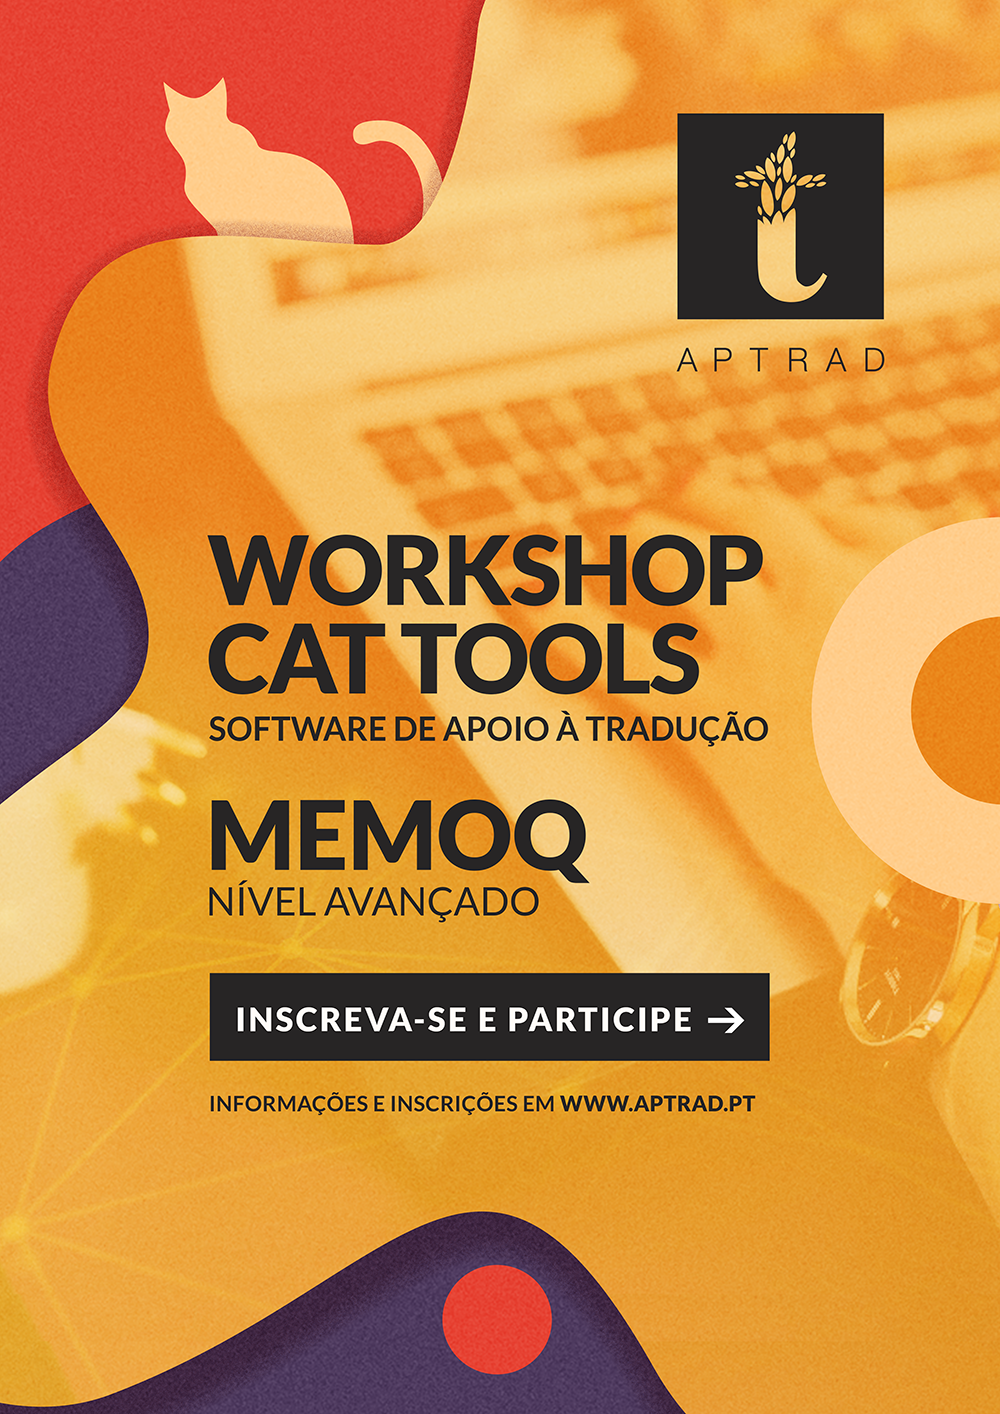 Webinar CAT Tools – memoQ [Nível Avançado] - in English